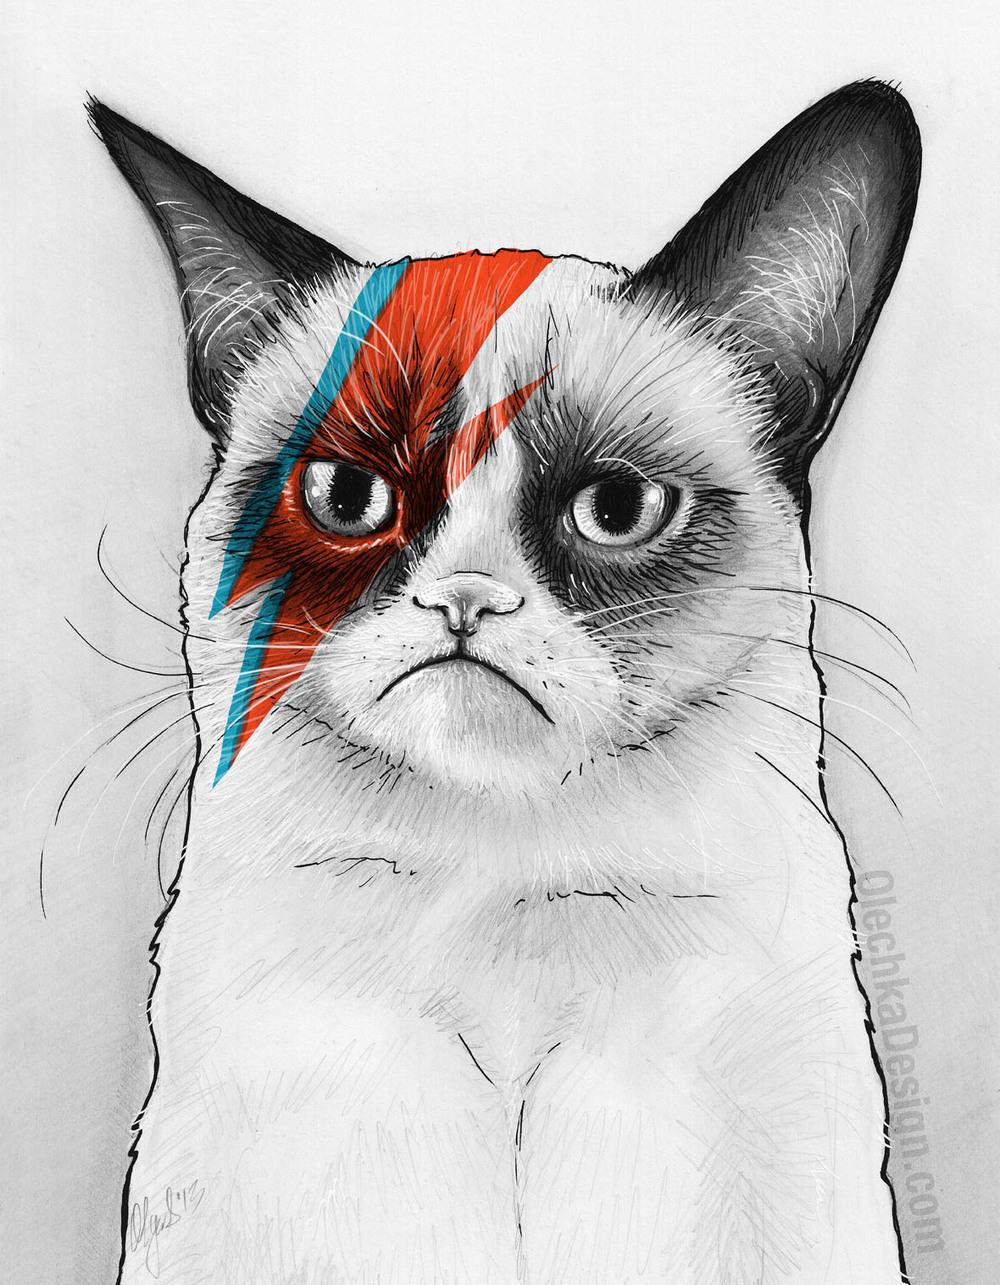 Grumpy Cat as David Bowie by Olga Shvartsur